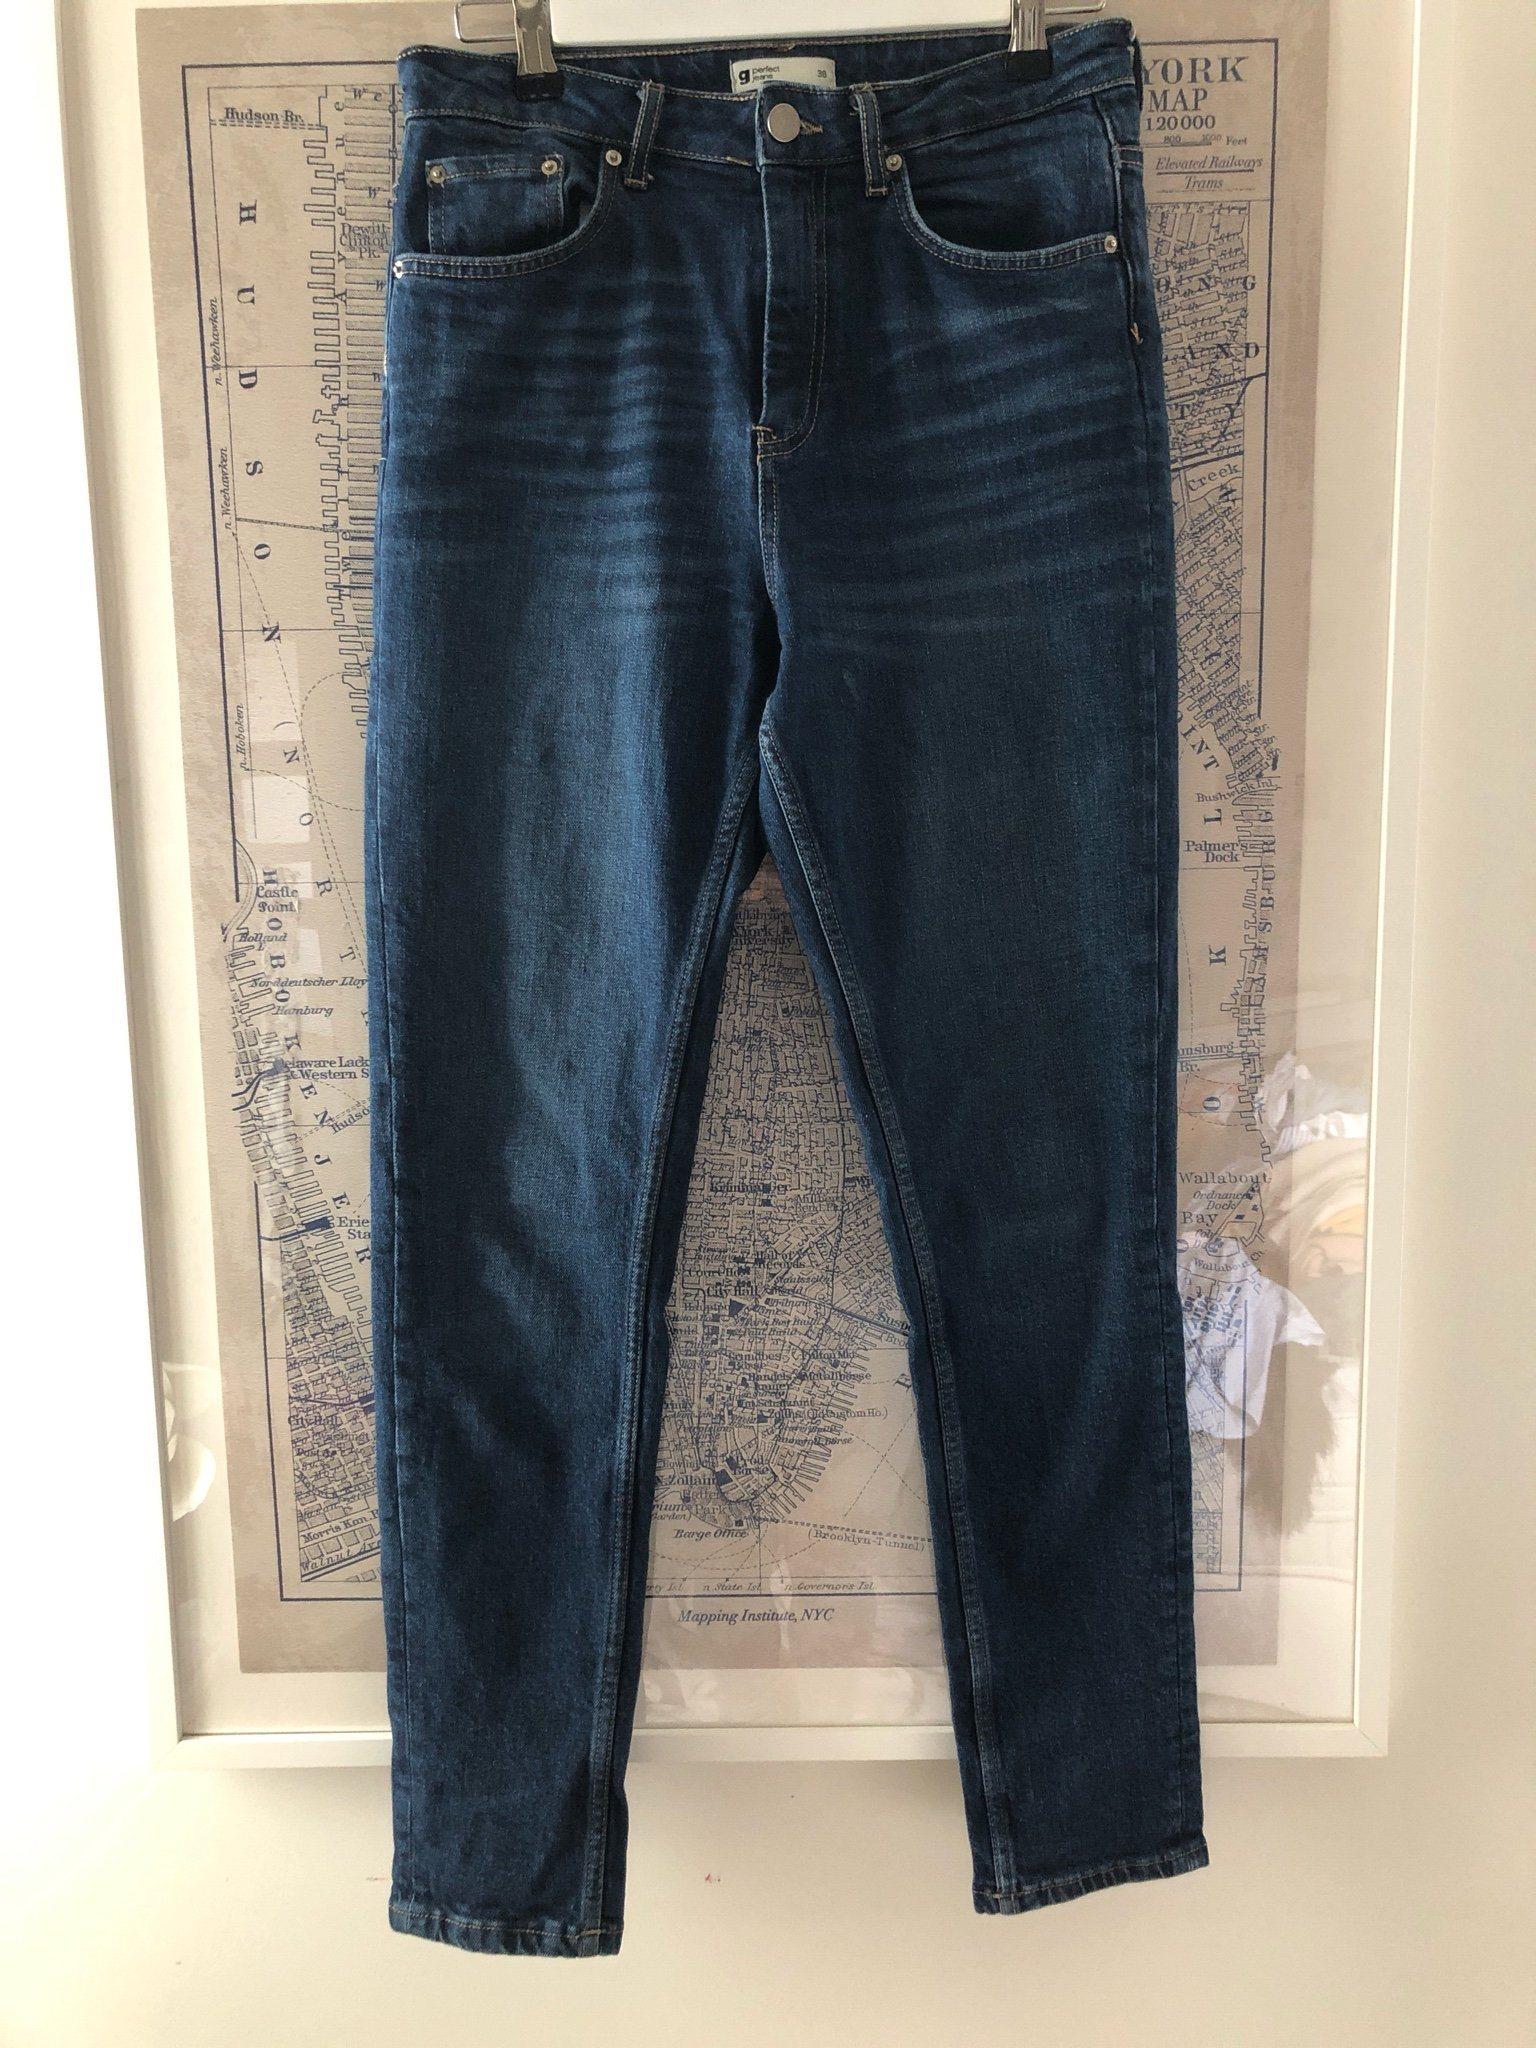 fc3bf9419e8a Jeans, hög midja slim fit fr Gina strl 38 (343616896) ᐈ Köp på Tradera